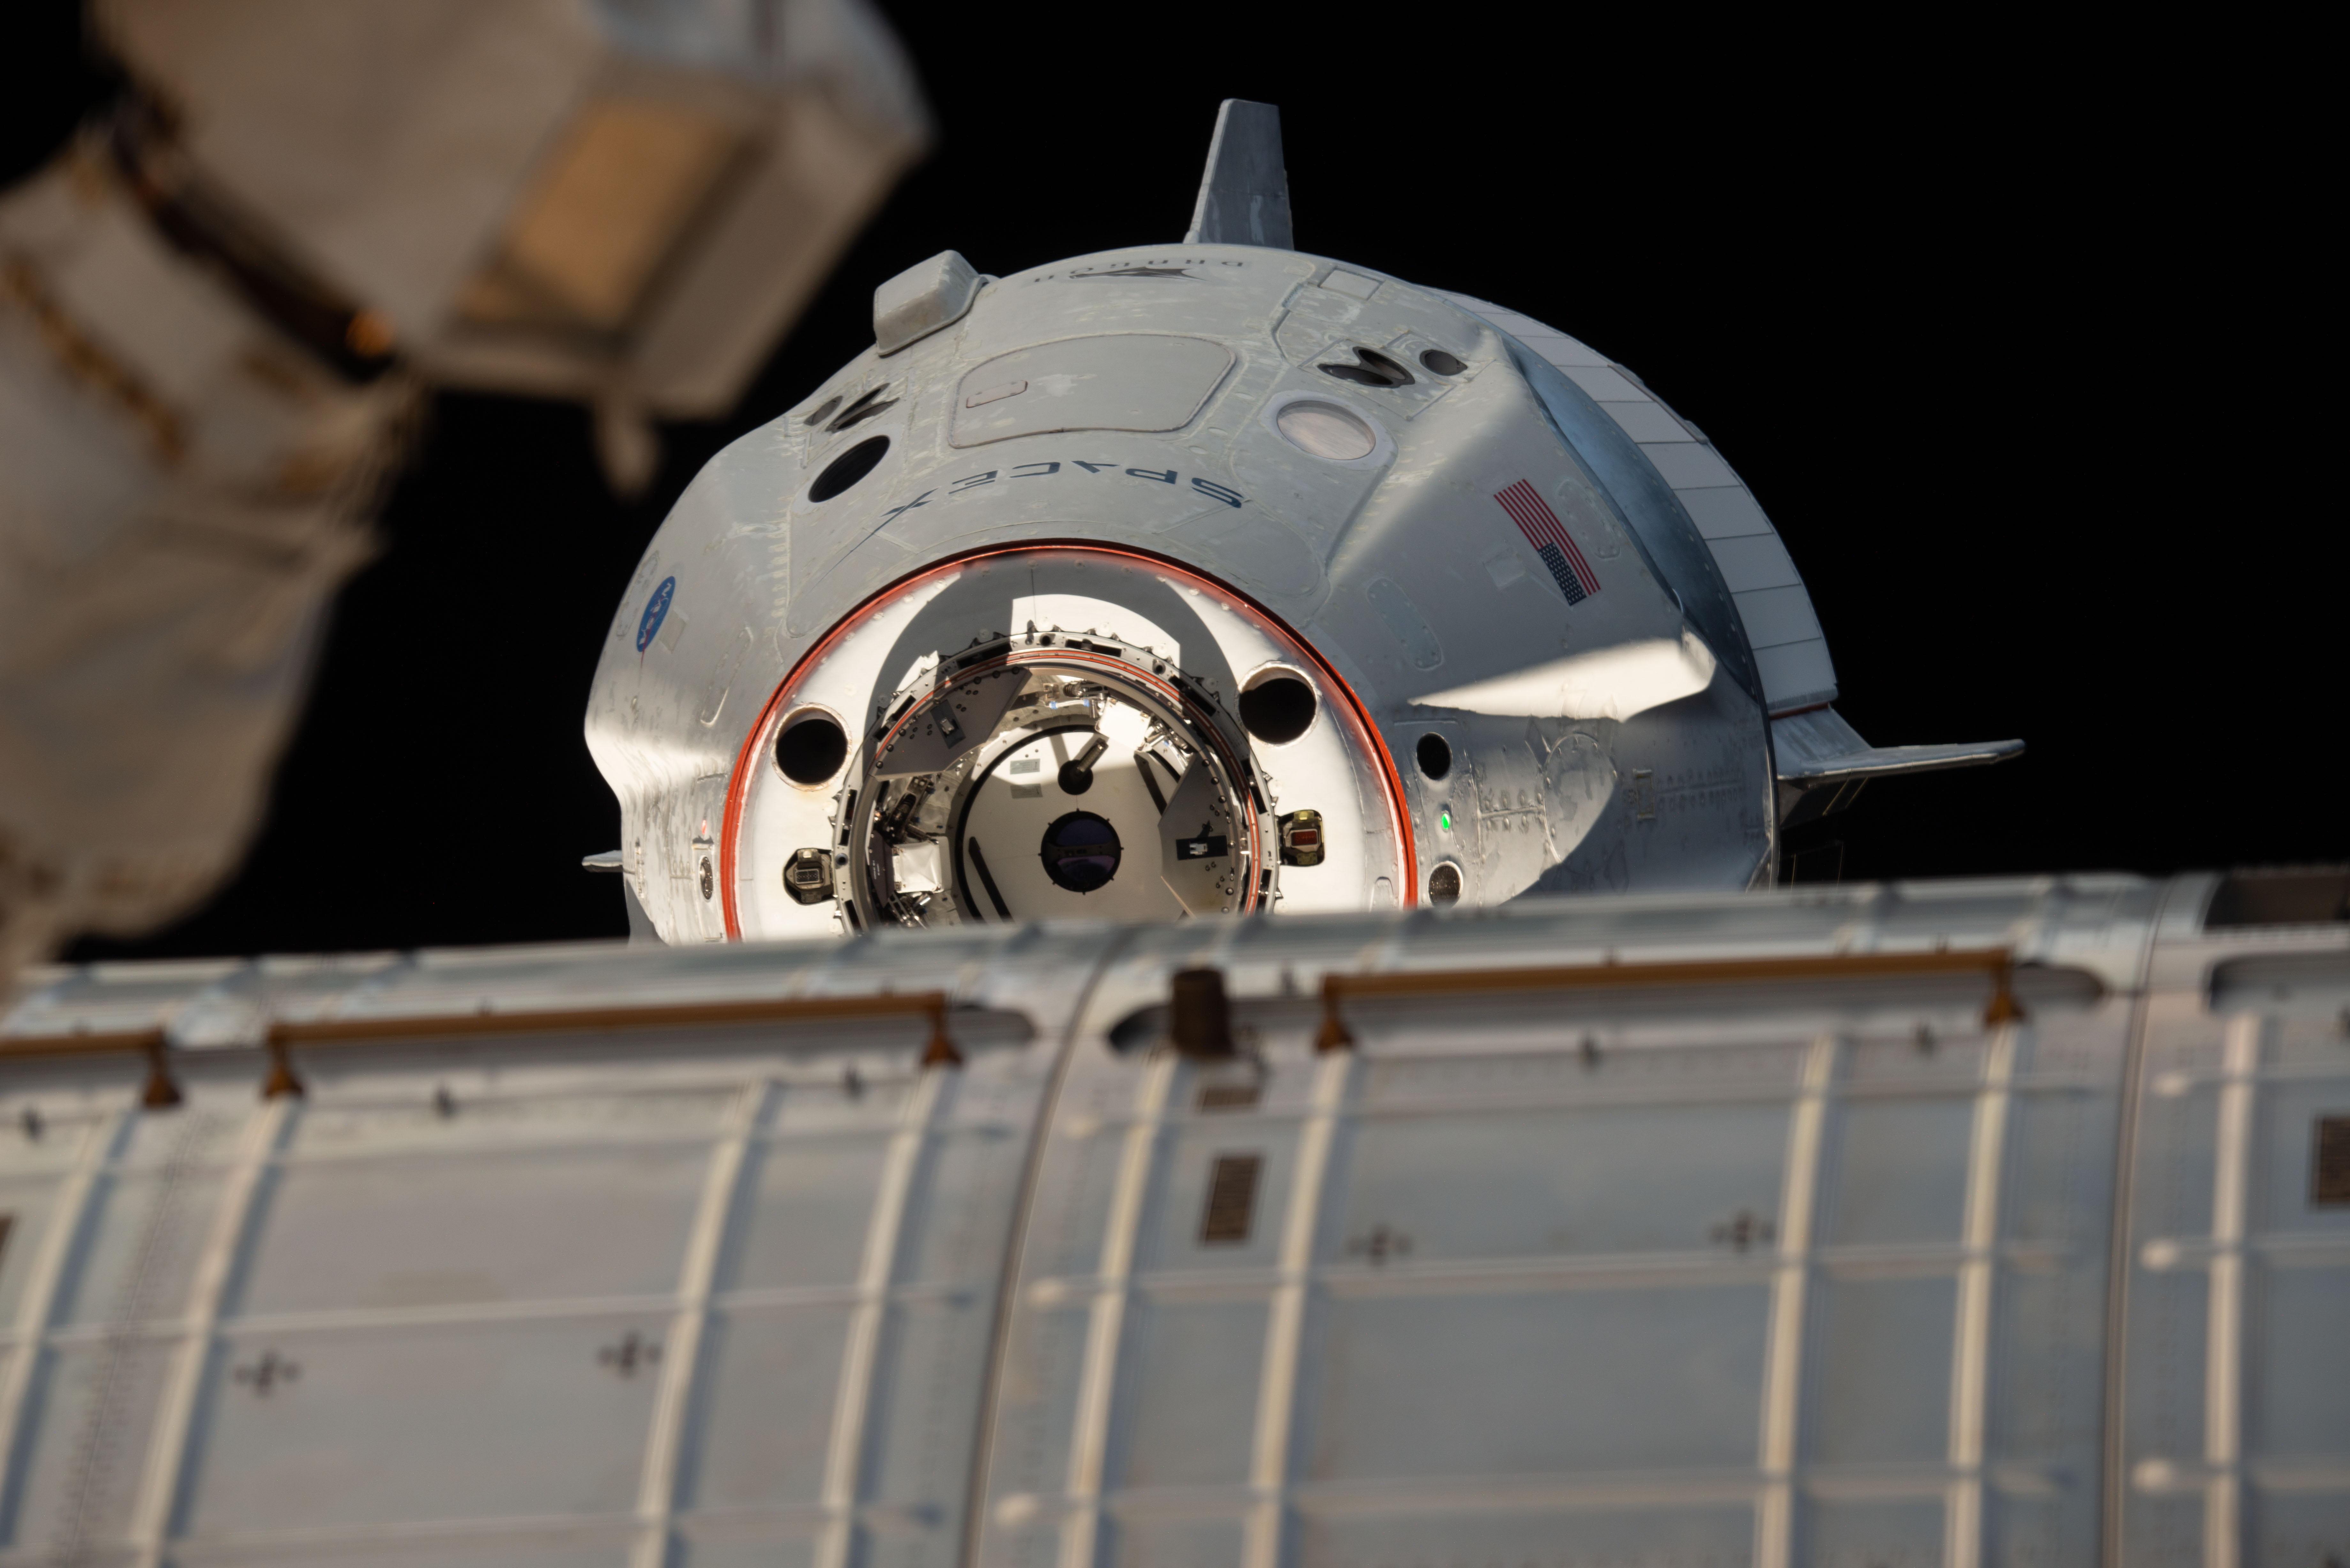 Statek Dragon 2 zbliżający się do ISS podczas misji Crew Demo-1 (Źródło: NASA)